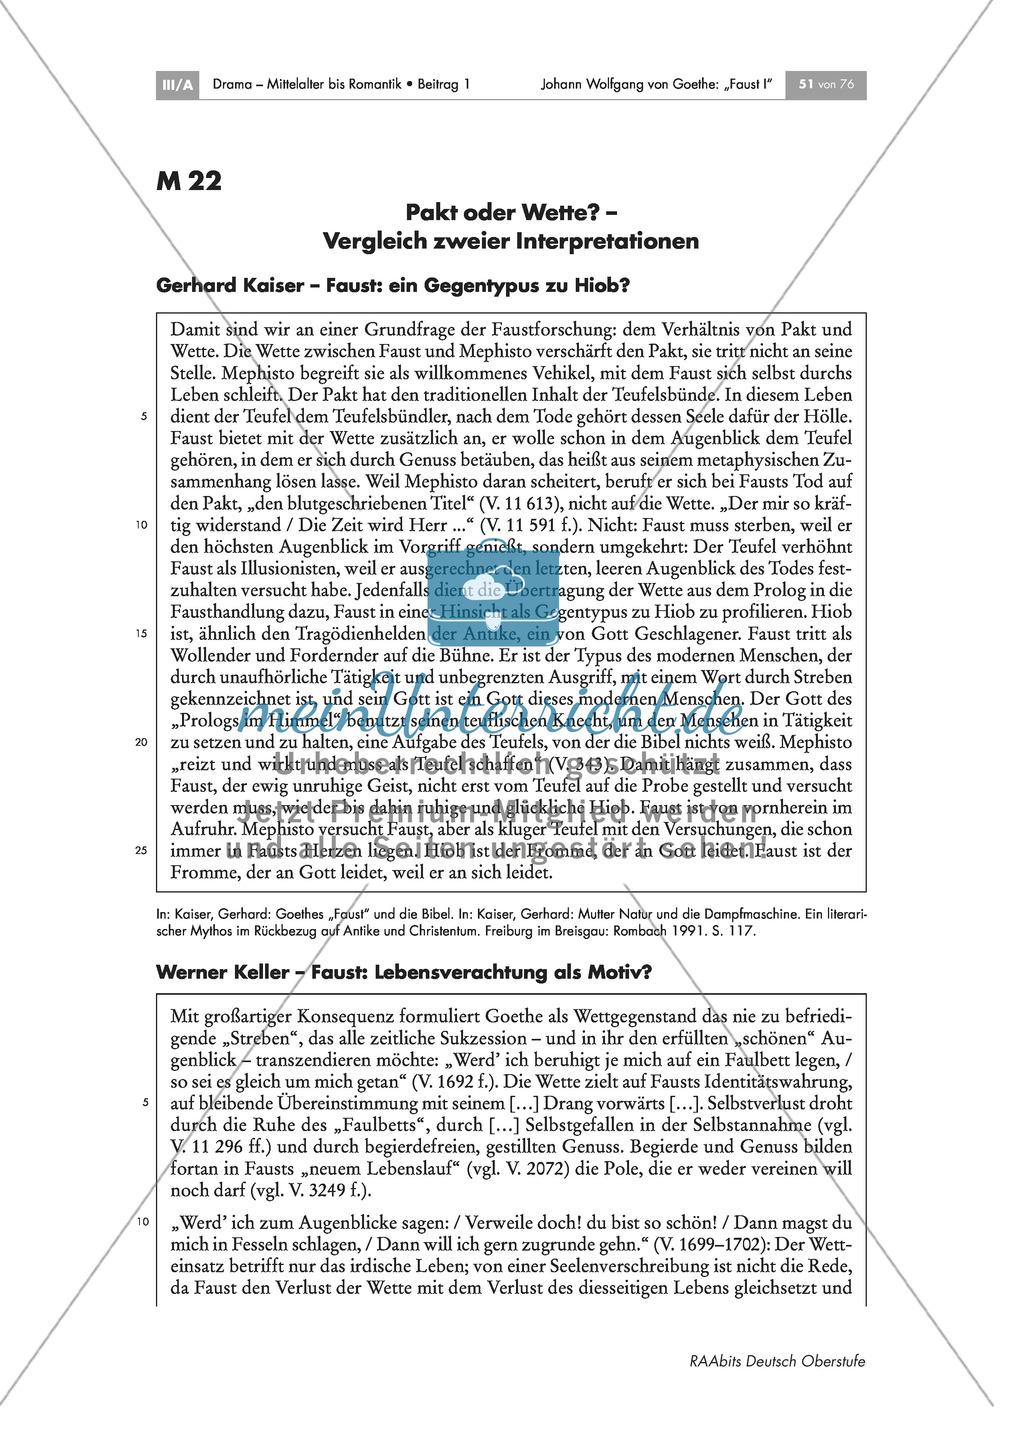 """Johann Wolfgang von Goethe - """"Faust I"""": Die Gelehrtentragödie - die Wette mit Mephisto Preview 9"""